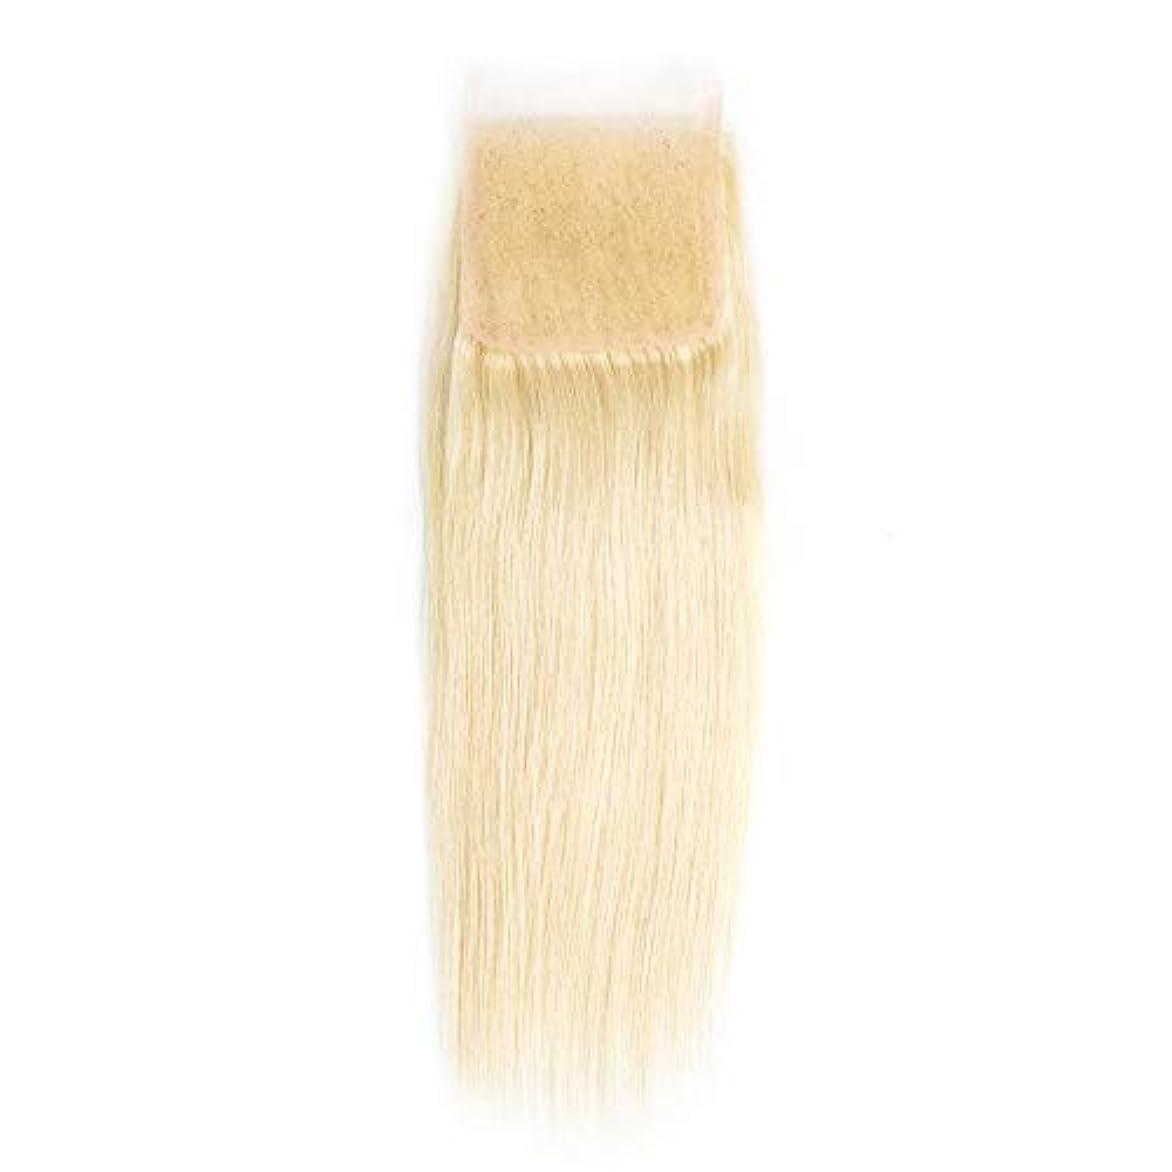 拍手する宿題ためにWASAIO ヘアエクステンションクリップUnseamedブロンド髪のブラジルのレースフロンタル閉鎖きちんと人間の髪4 * 4の上の閉鎖 (サイズ : 18 inch)